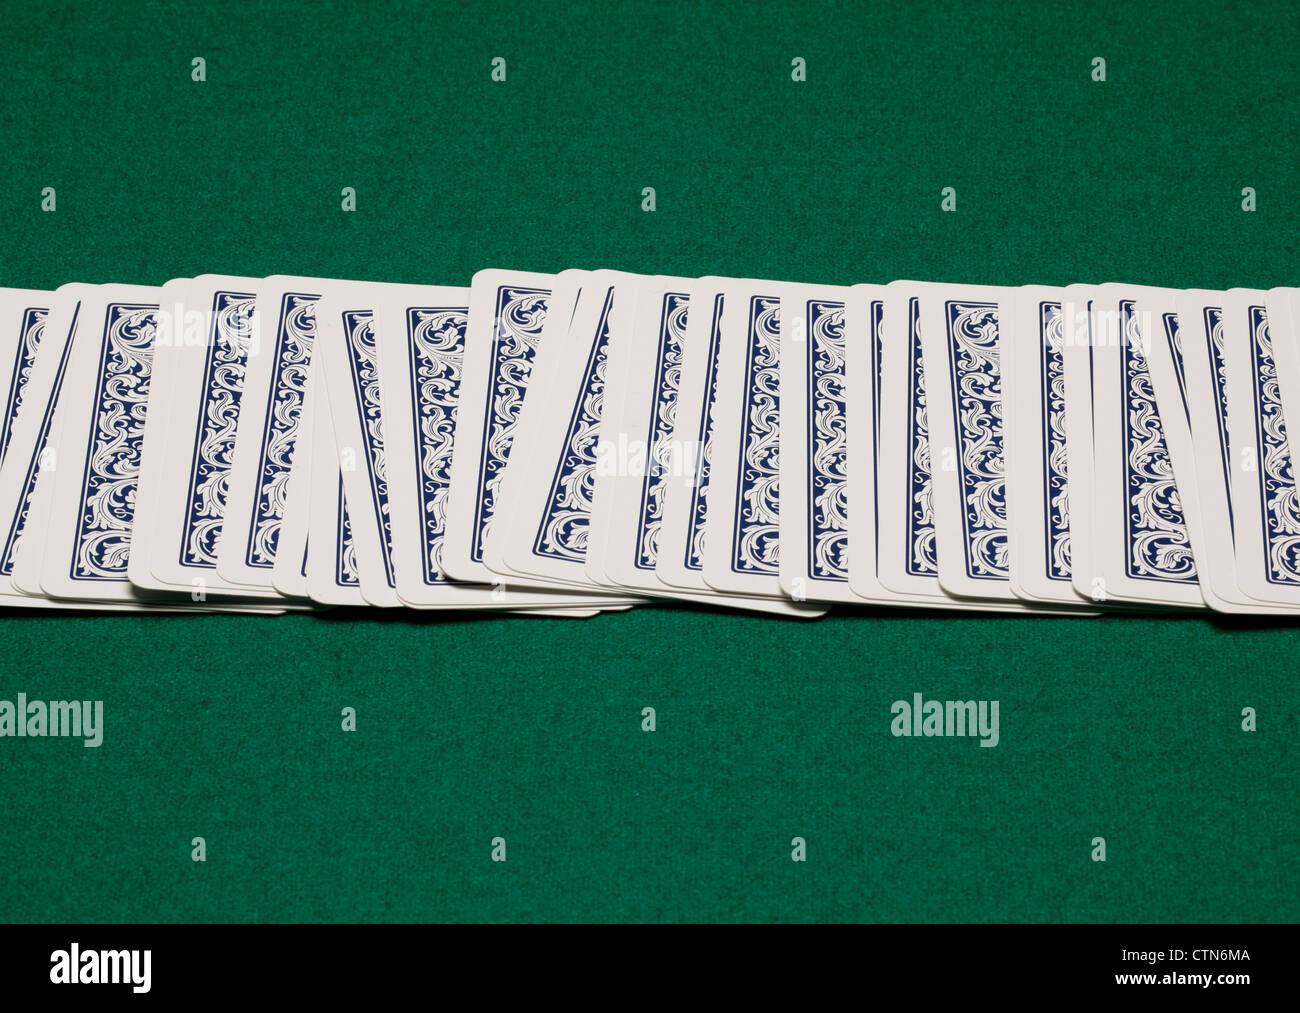 Spielkarten auf dem grünen Tisch. Stockbild